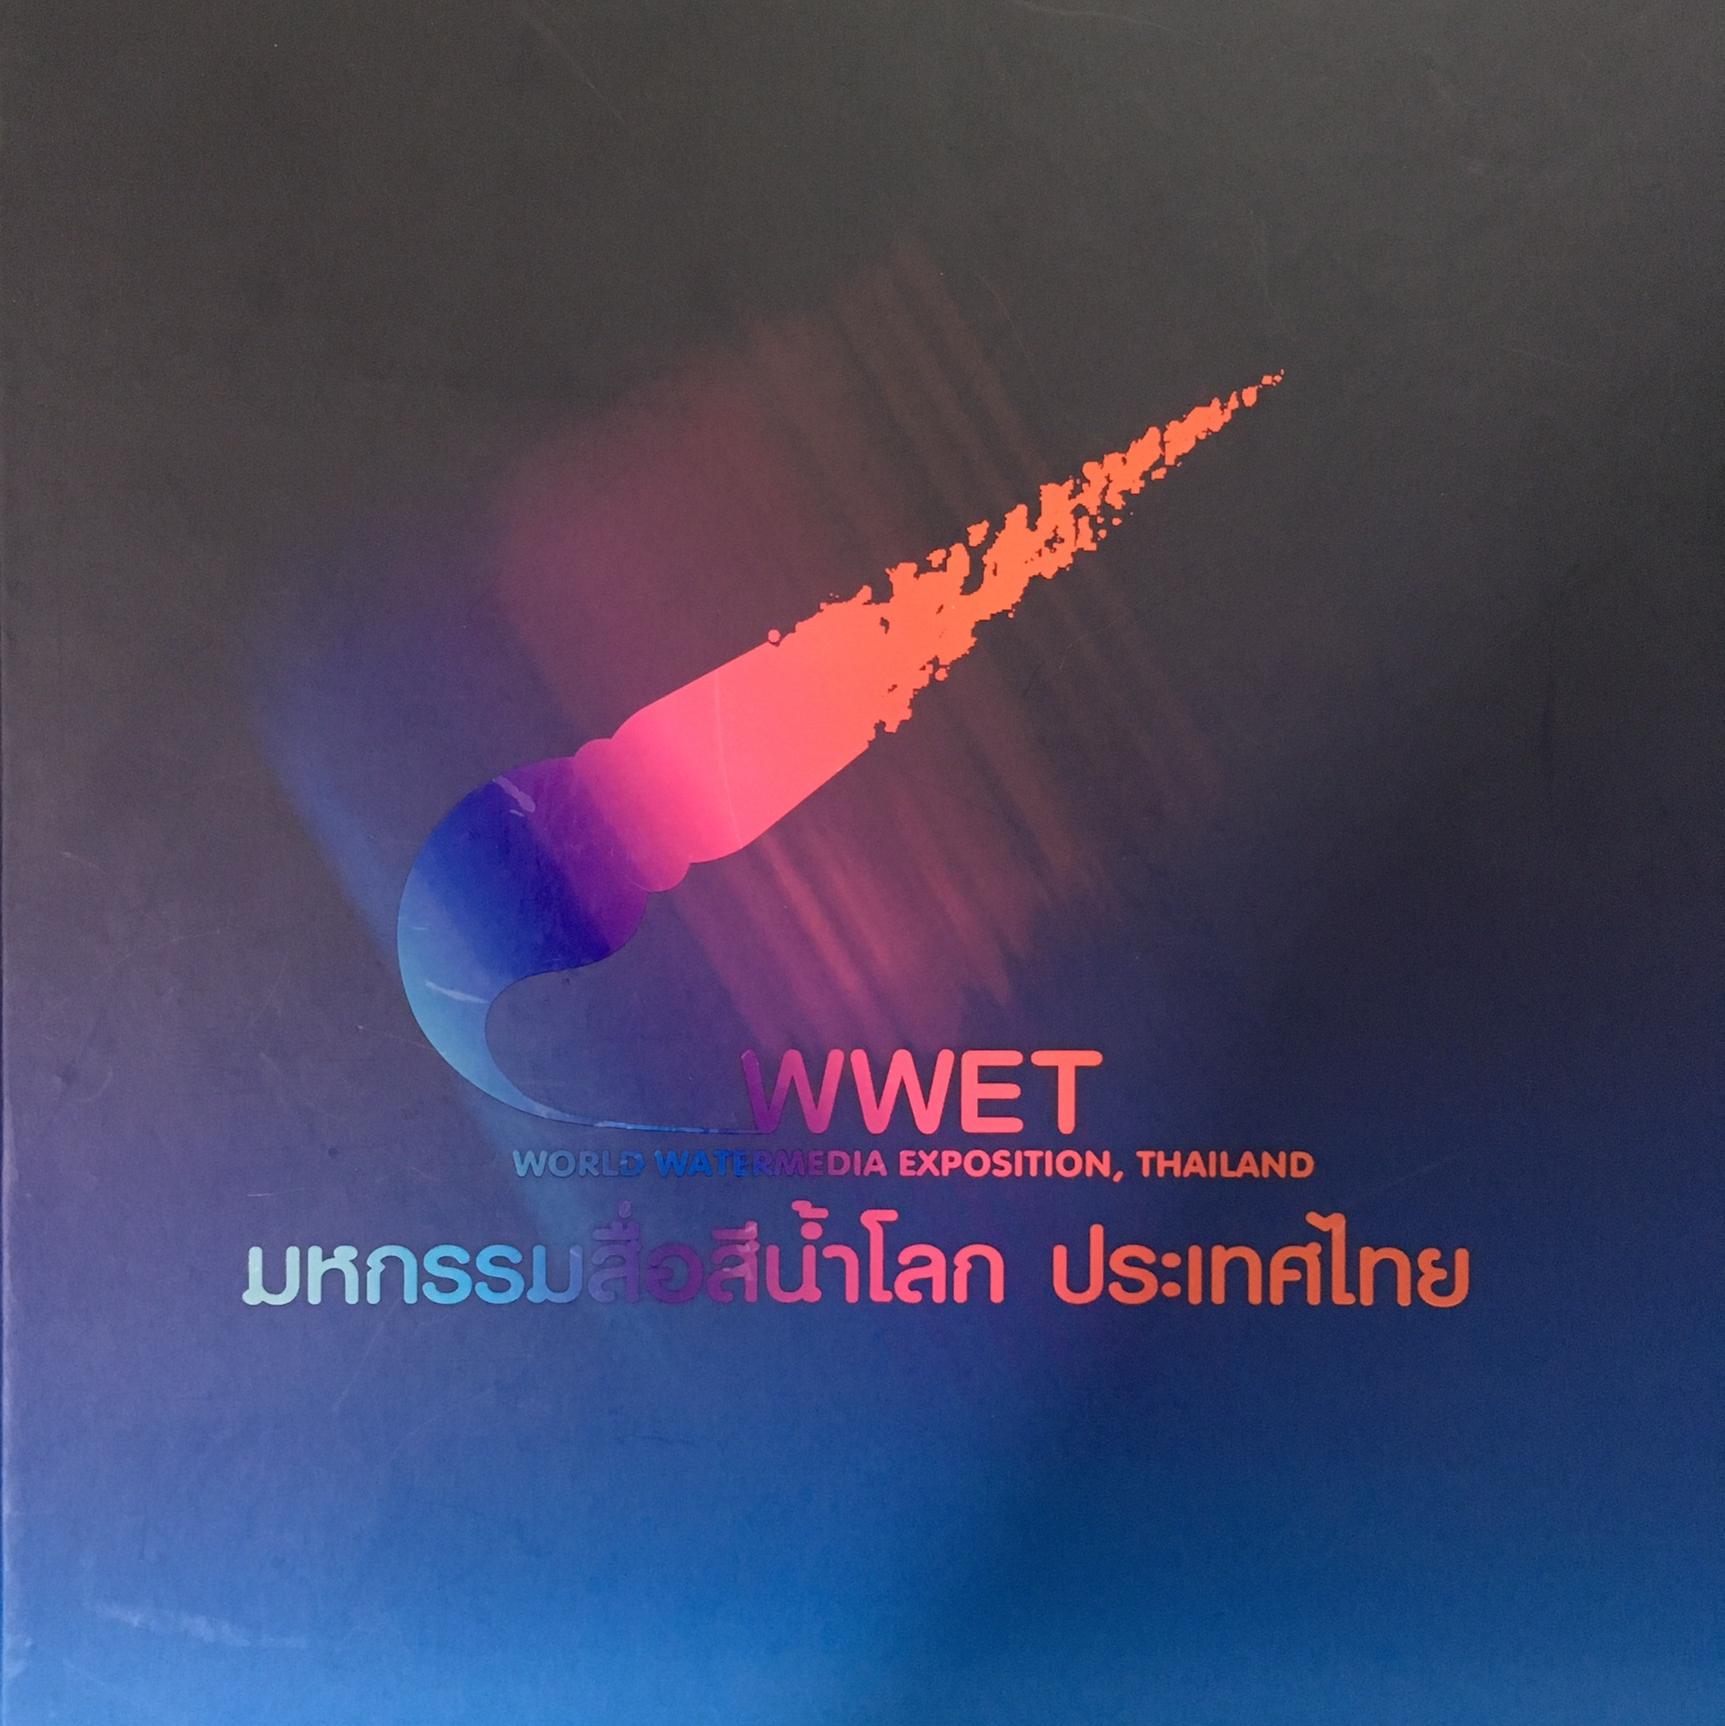 หนังสือประกอบนิทรรศการ มหกรรมสื่อสีน้ำโลกประเทศไทย